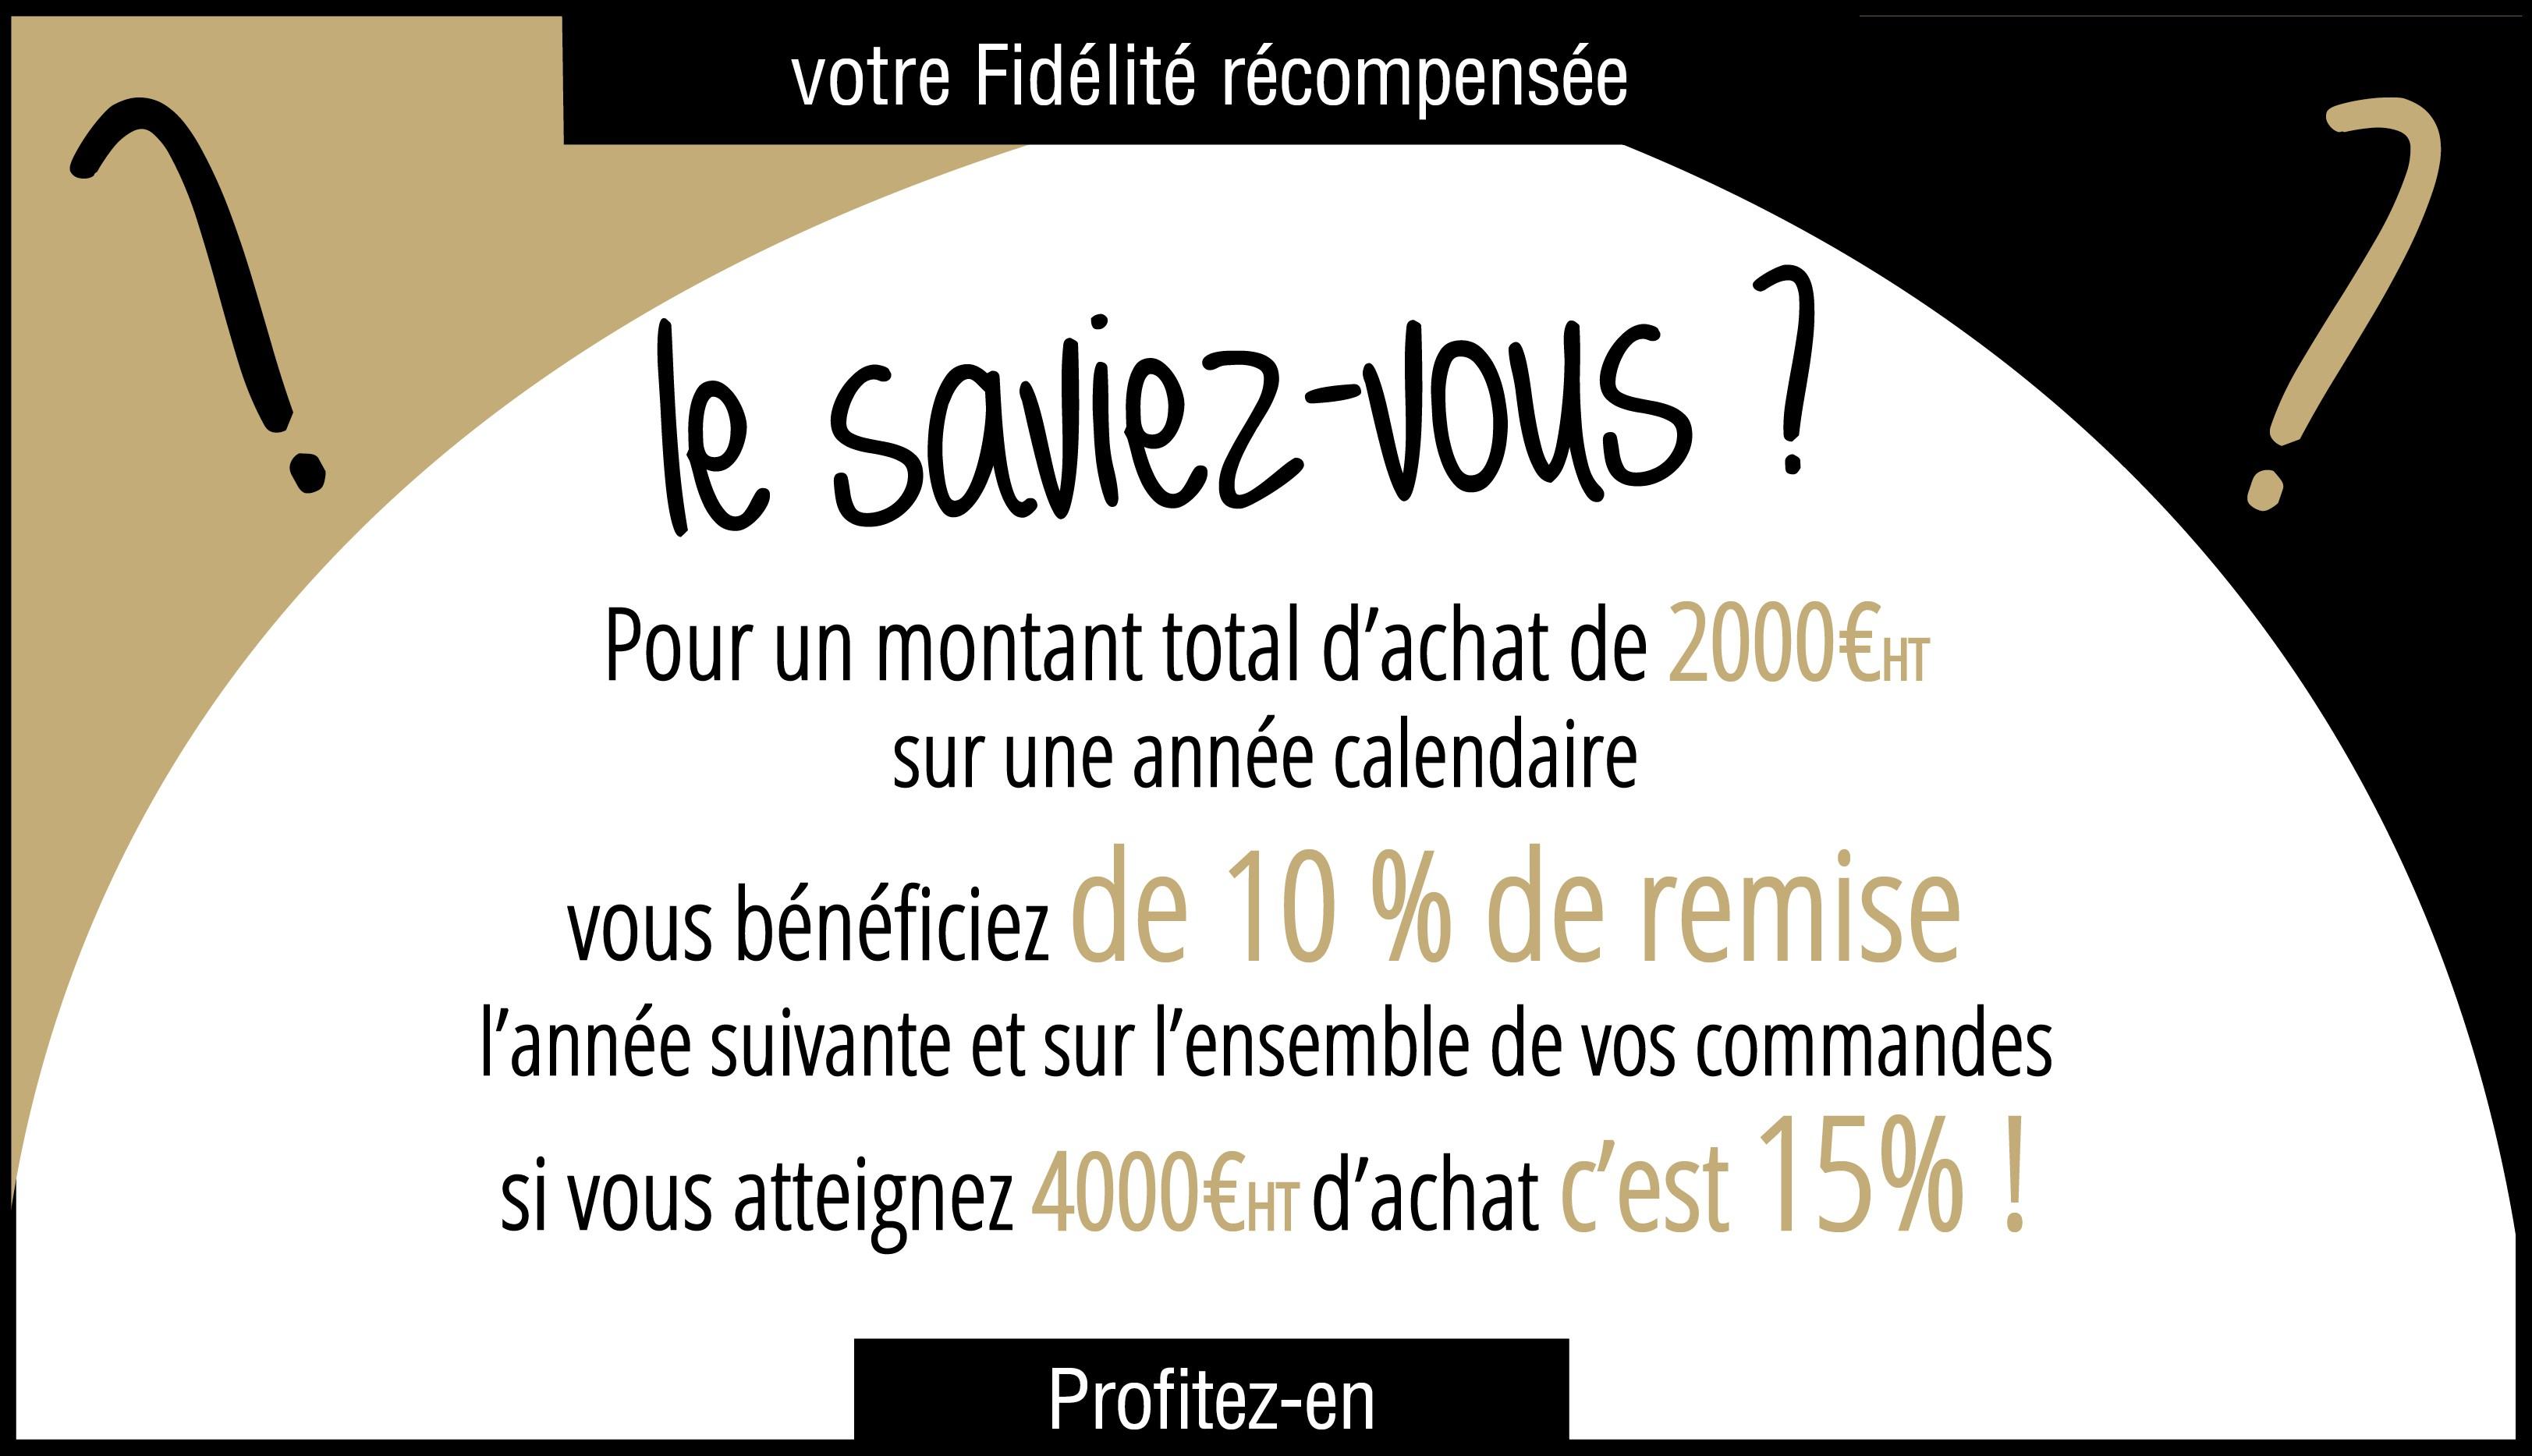 votrefidelite_recompensee